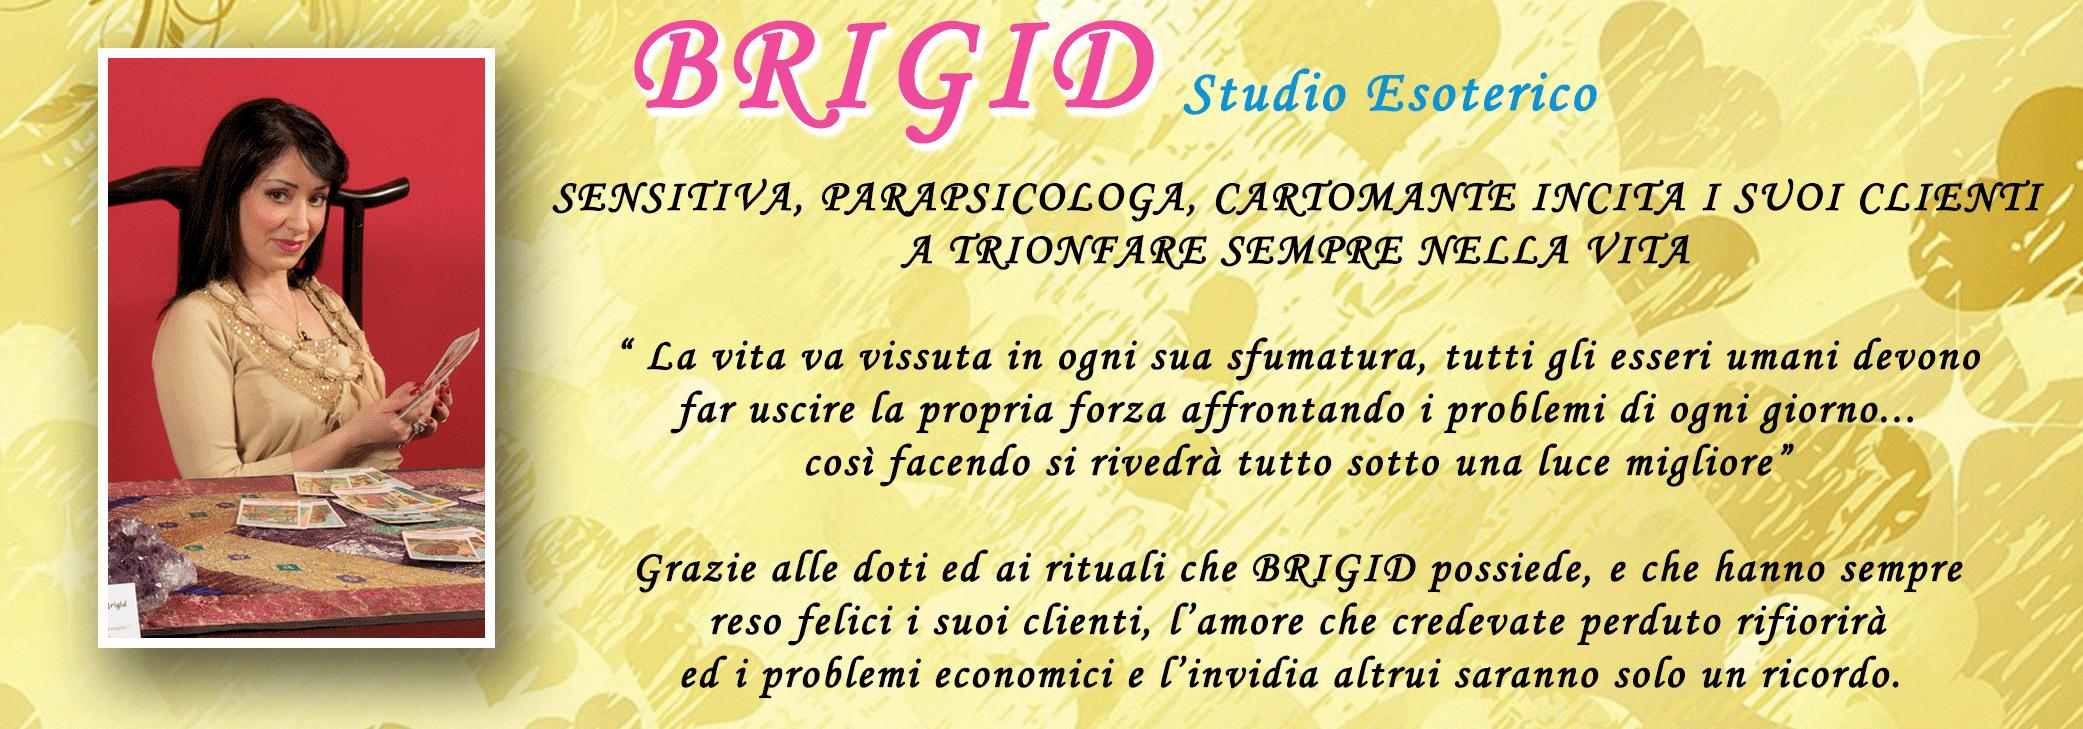 Cartomanzia-Professionale-Brigid-2